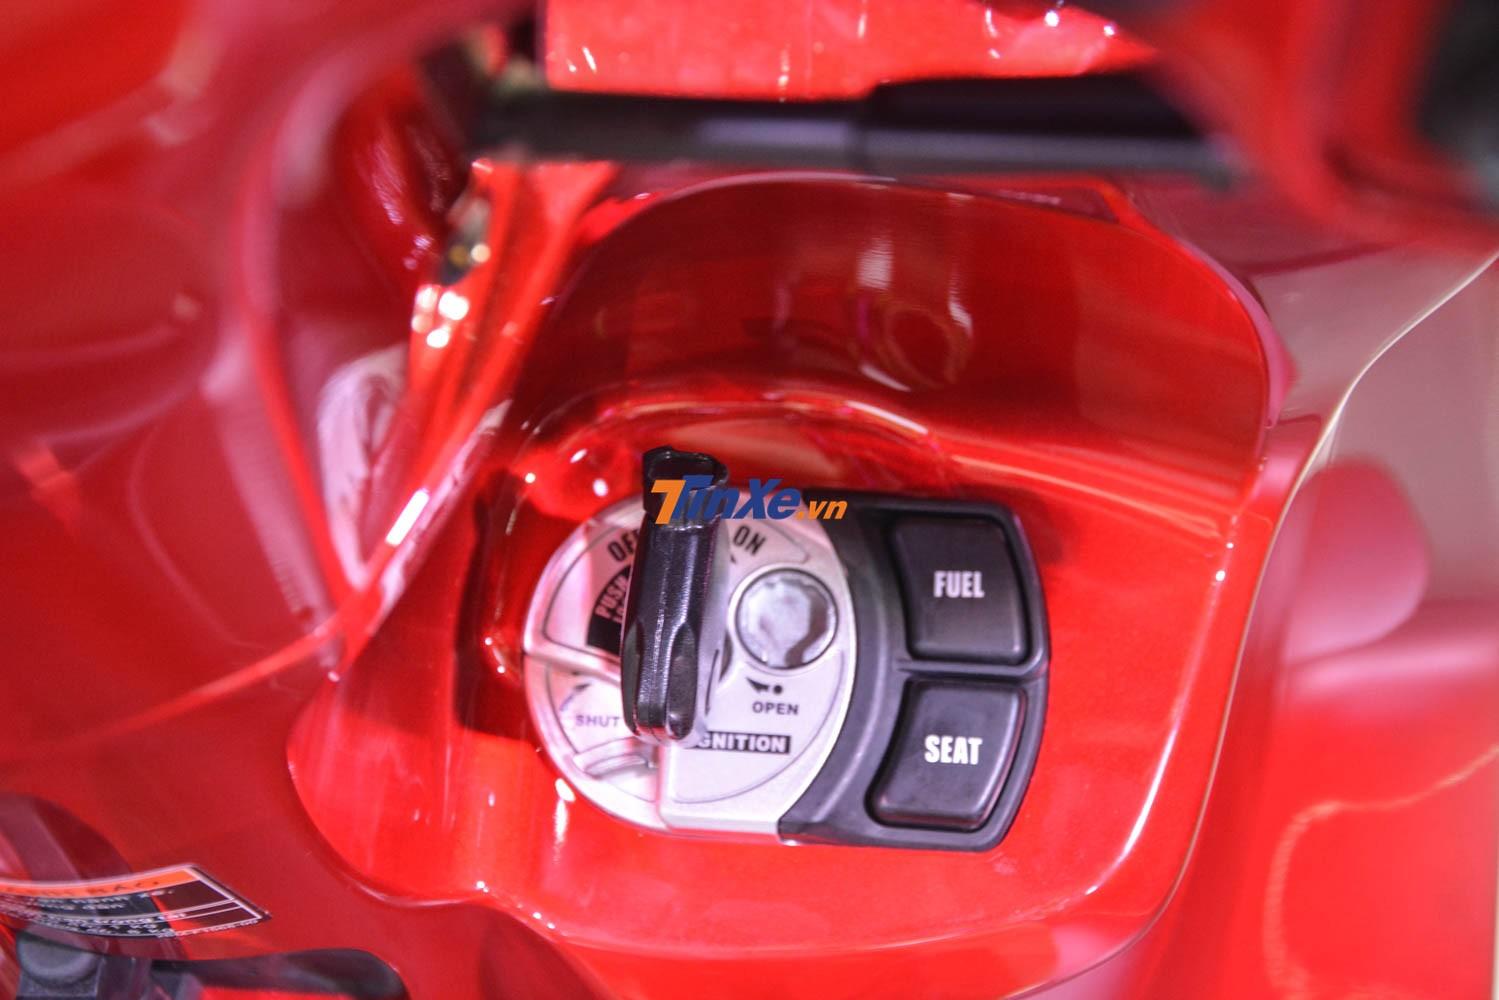 Yamaha Grande bản tiêu chuẩn vẫn được trang bị chìa khoá cơ thông thường